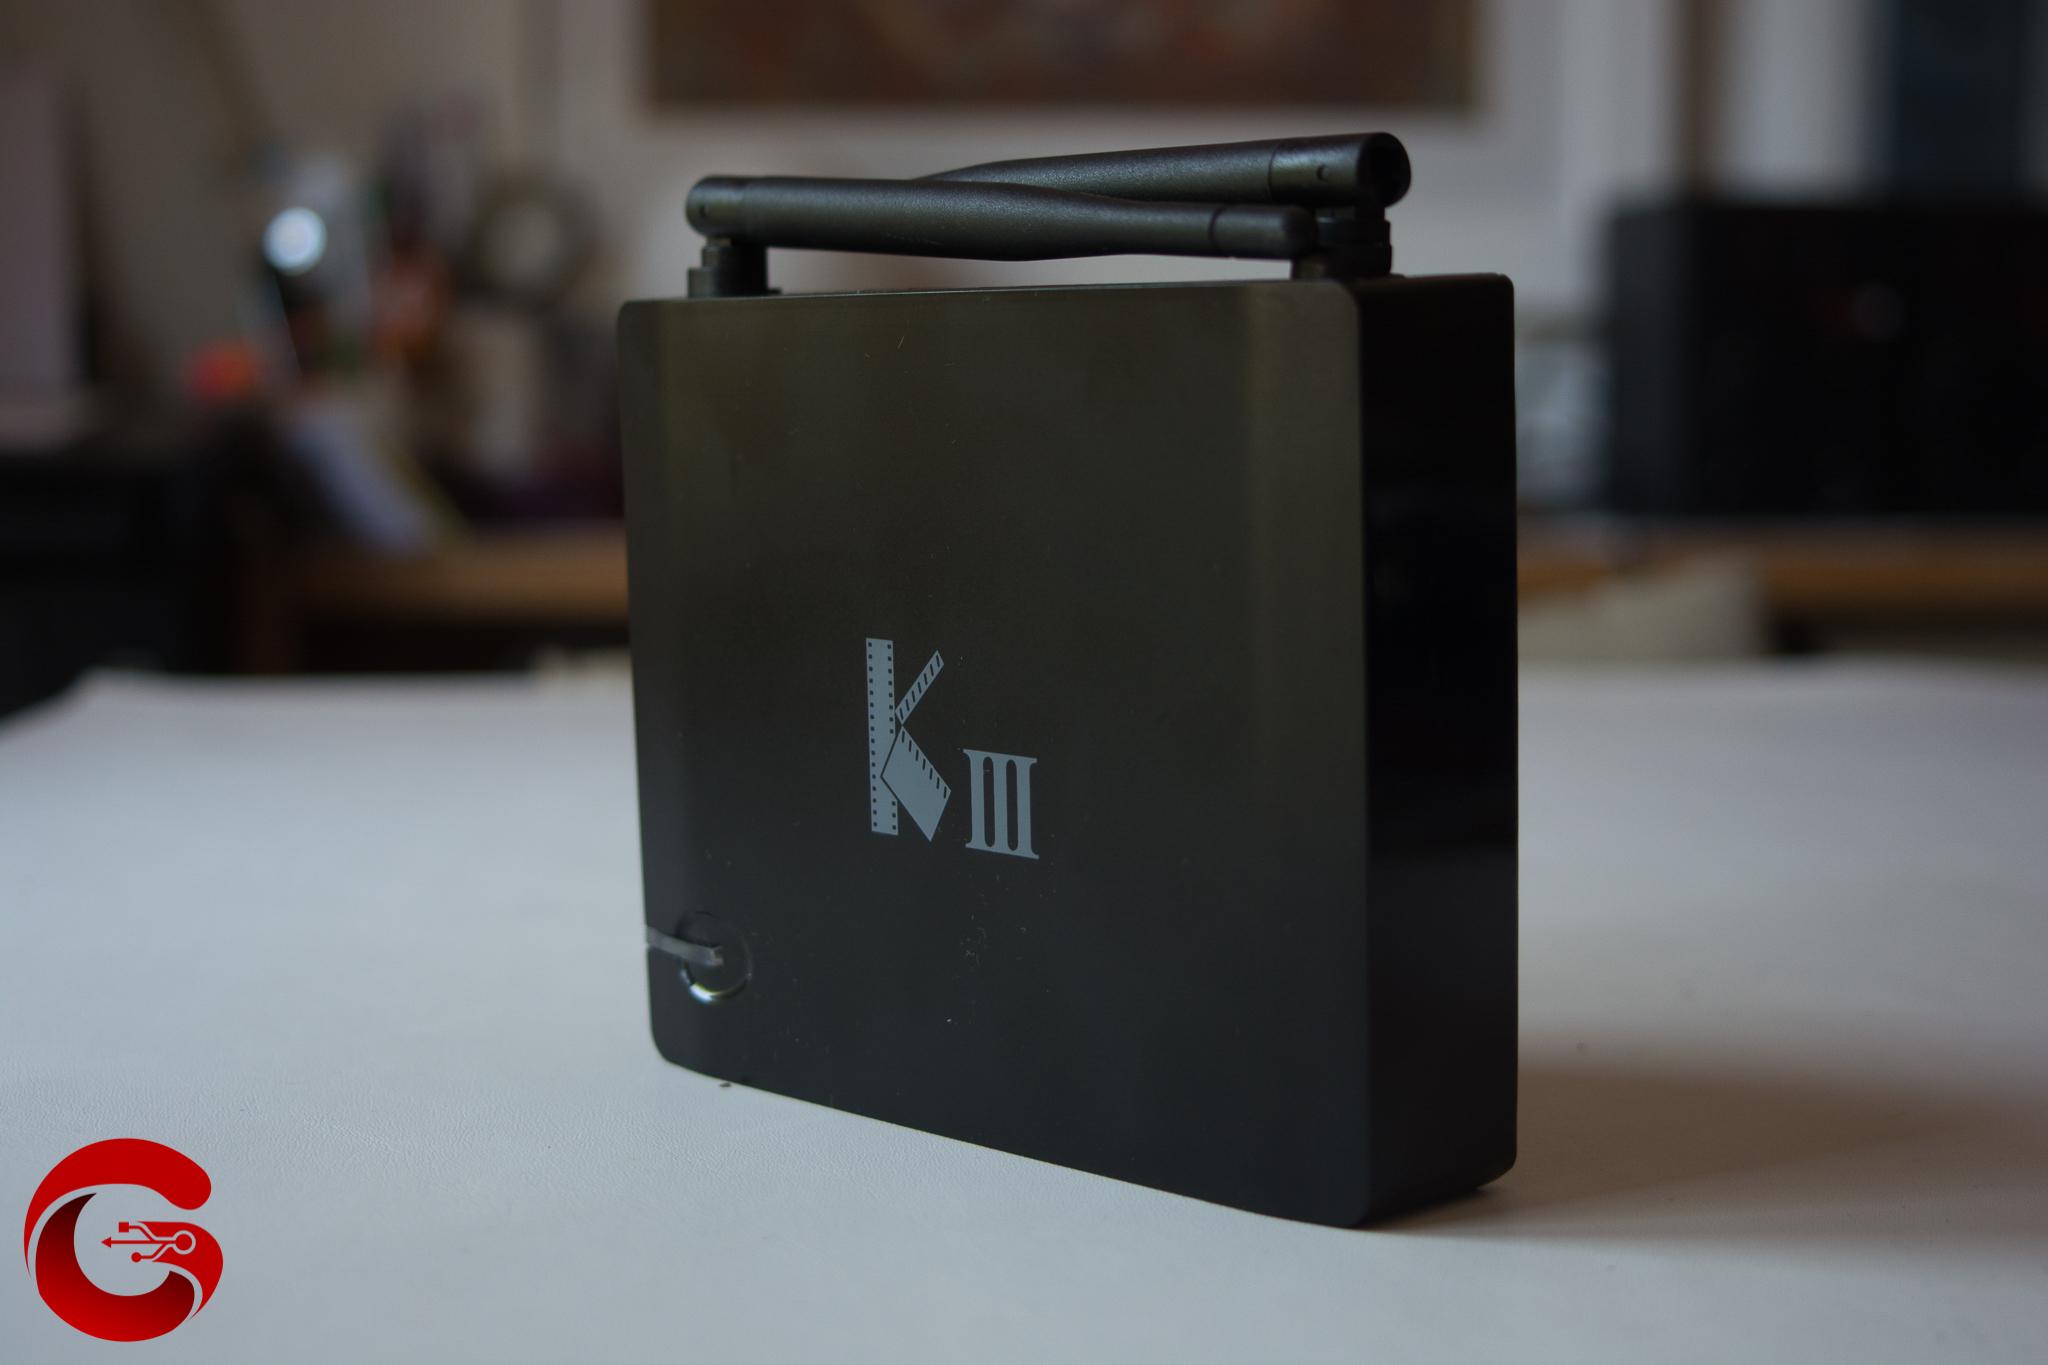 TV Box KIII Portada